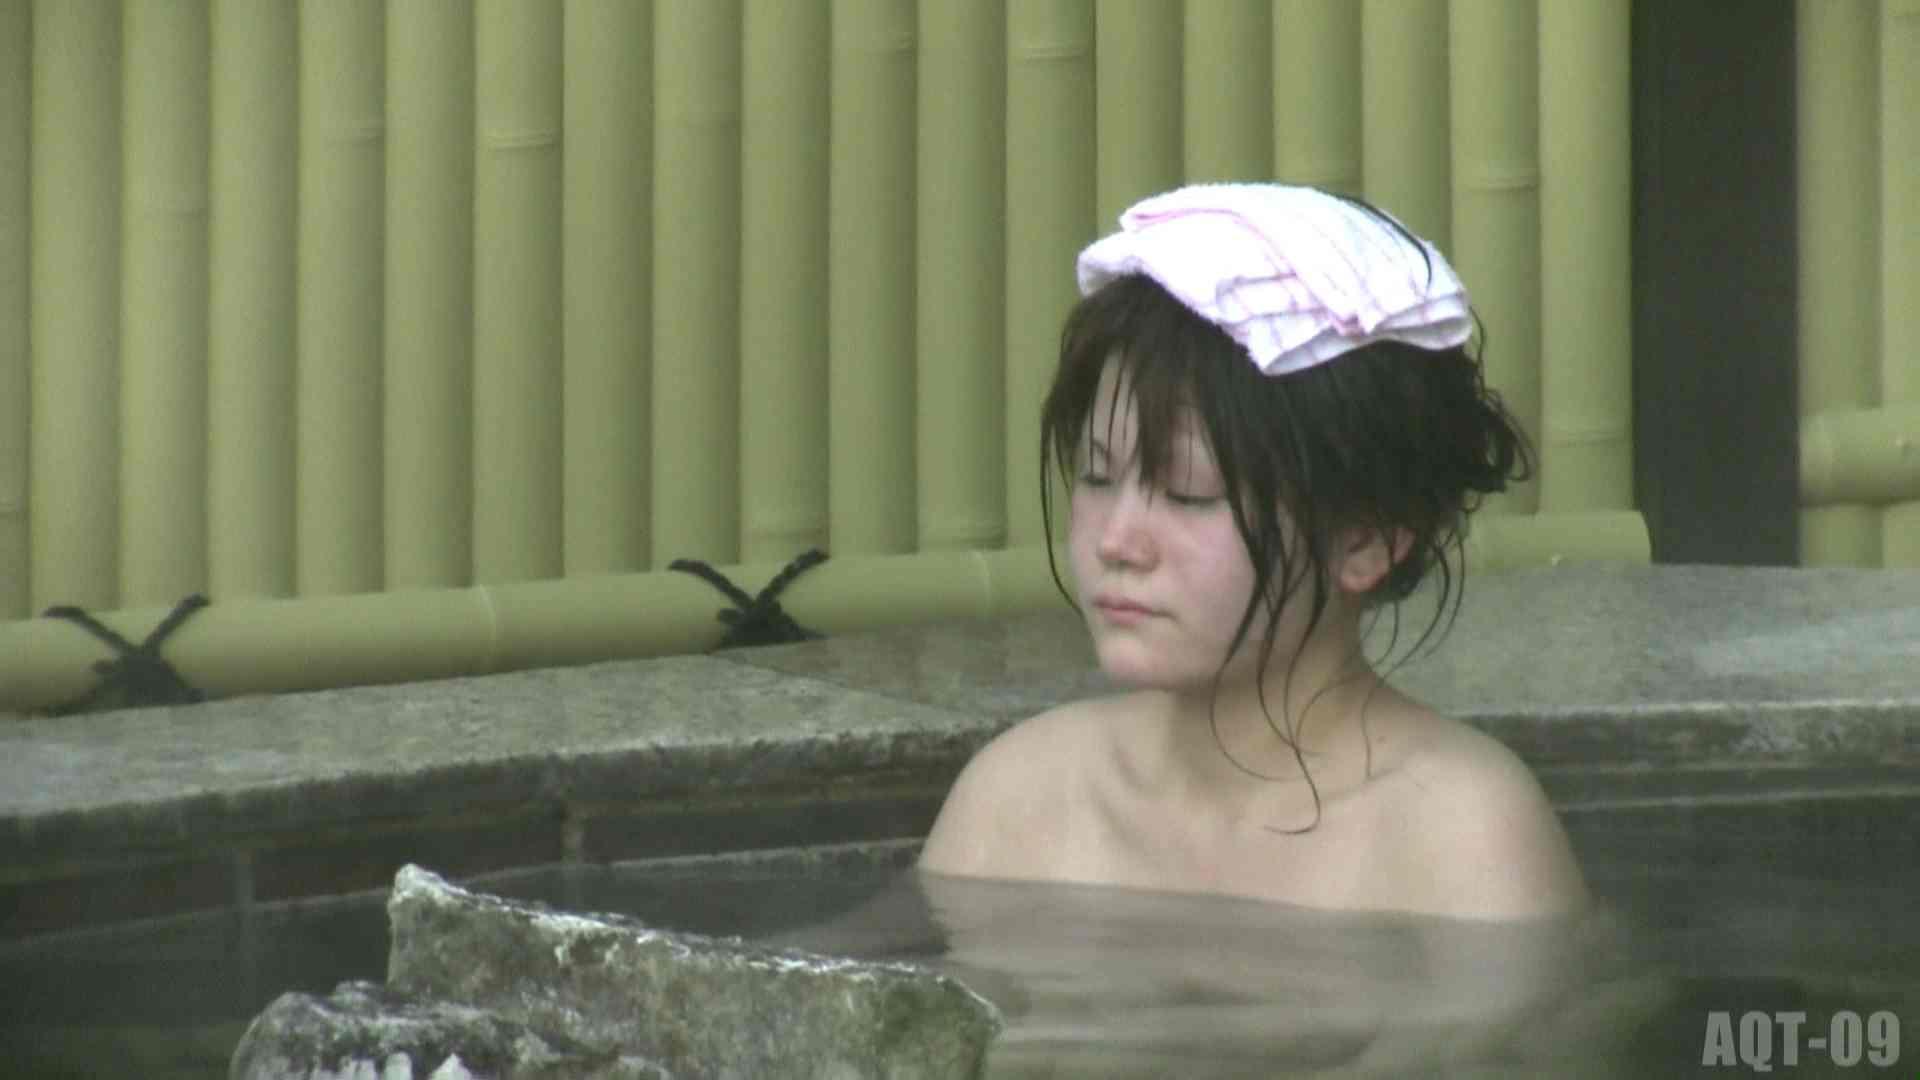 Aquaな露天風呂Vol.789 盗撮 オマンコ動画キャプチャ 30連発 2